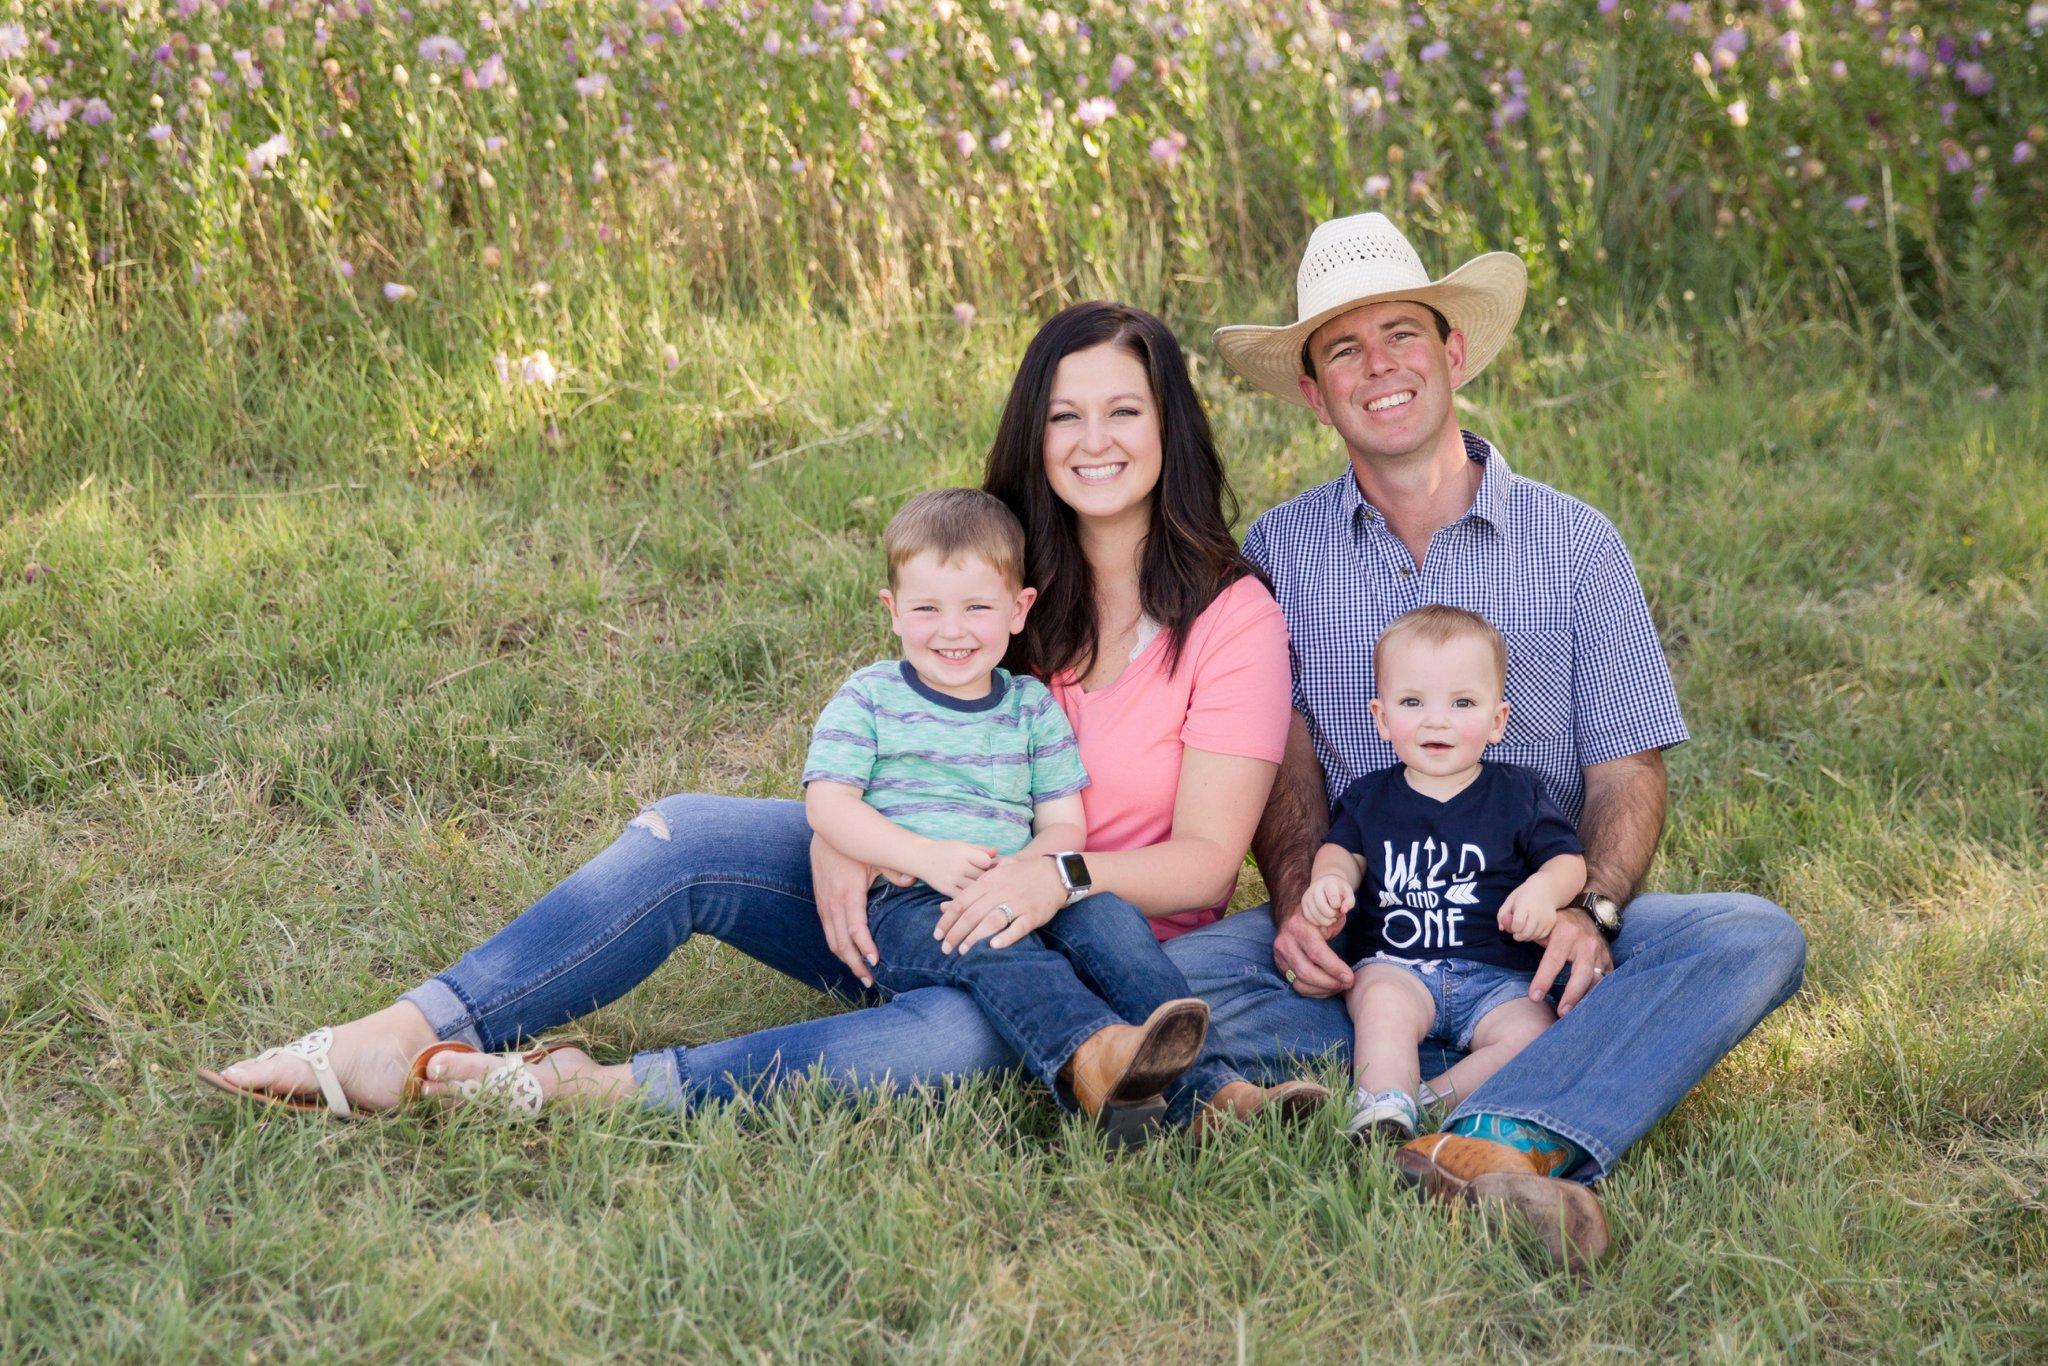 lubbock-family-photographer20.jpg